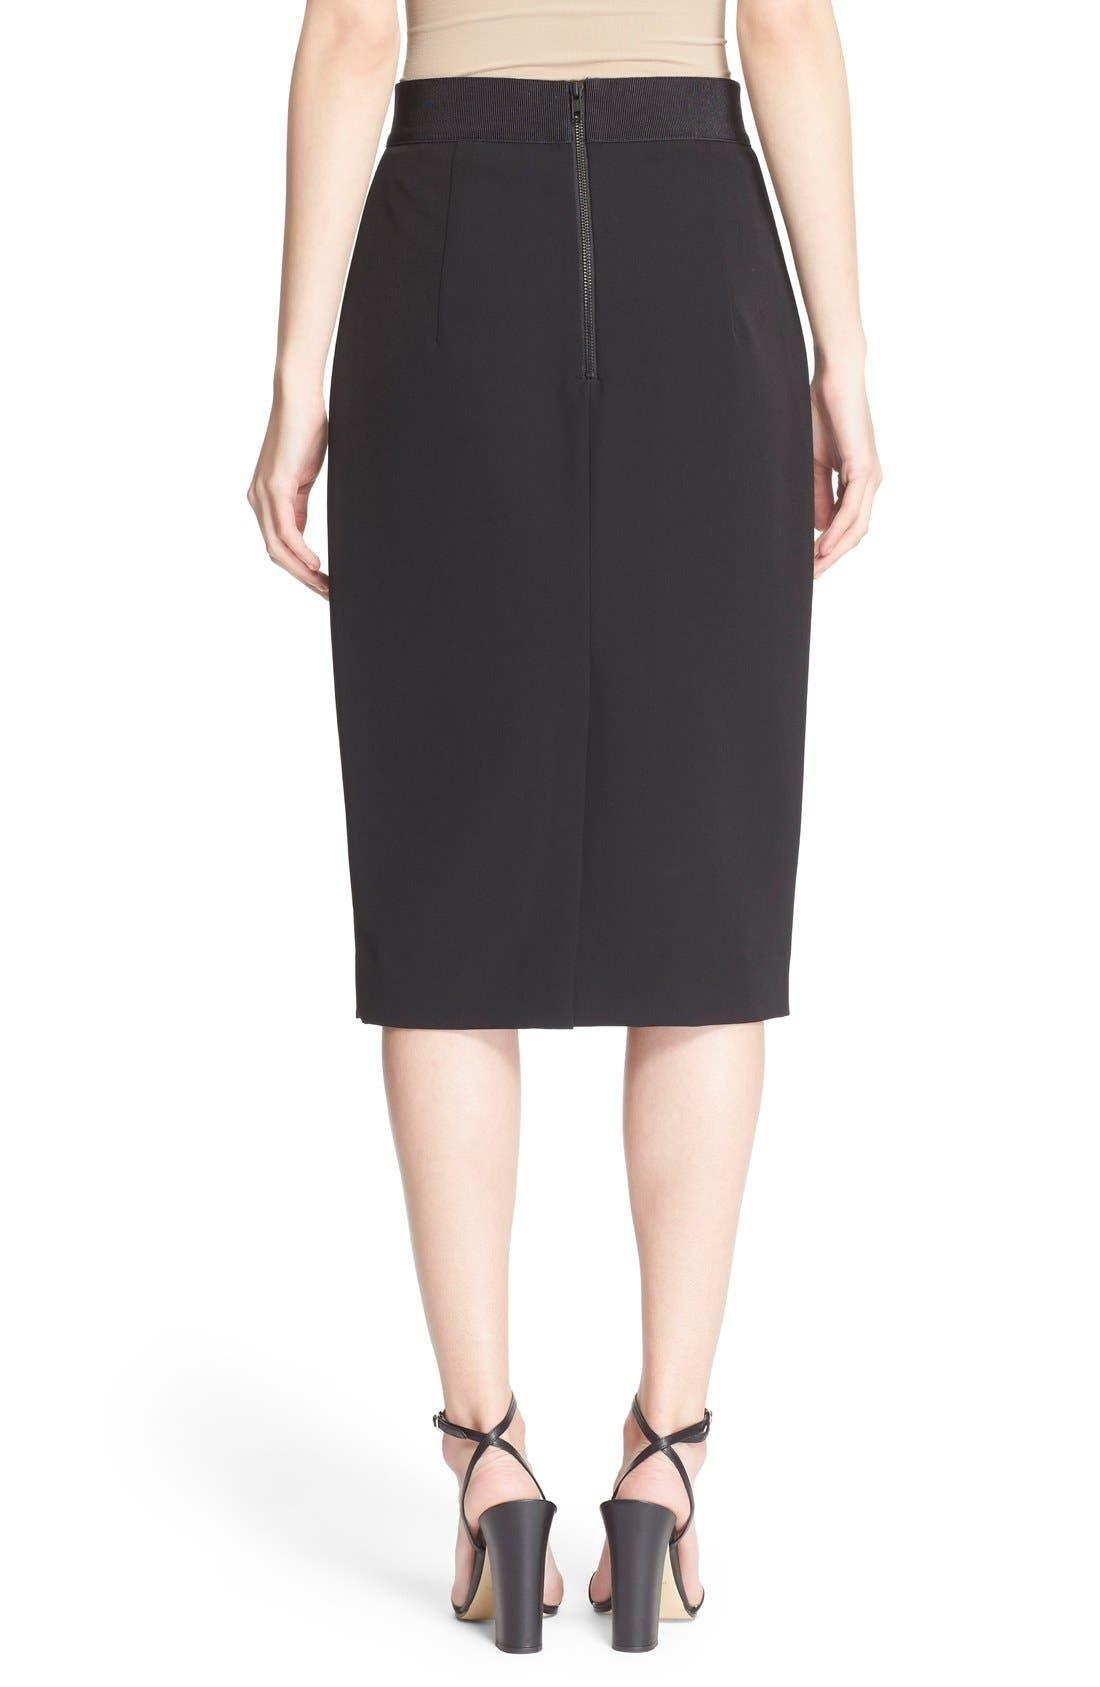 Italian Cady Pencil Skirt,                             Alternate thumbnail 4, color,                             001